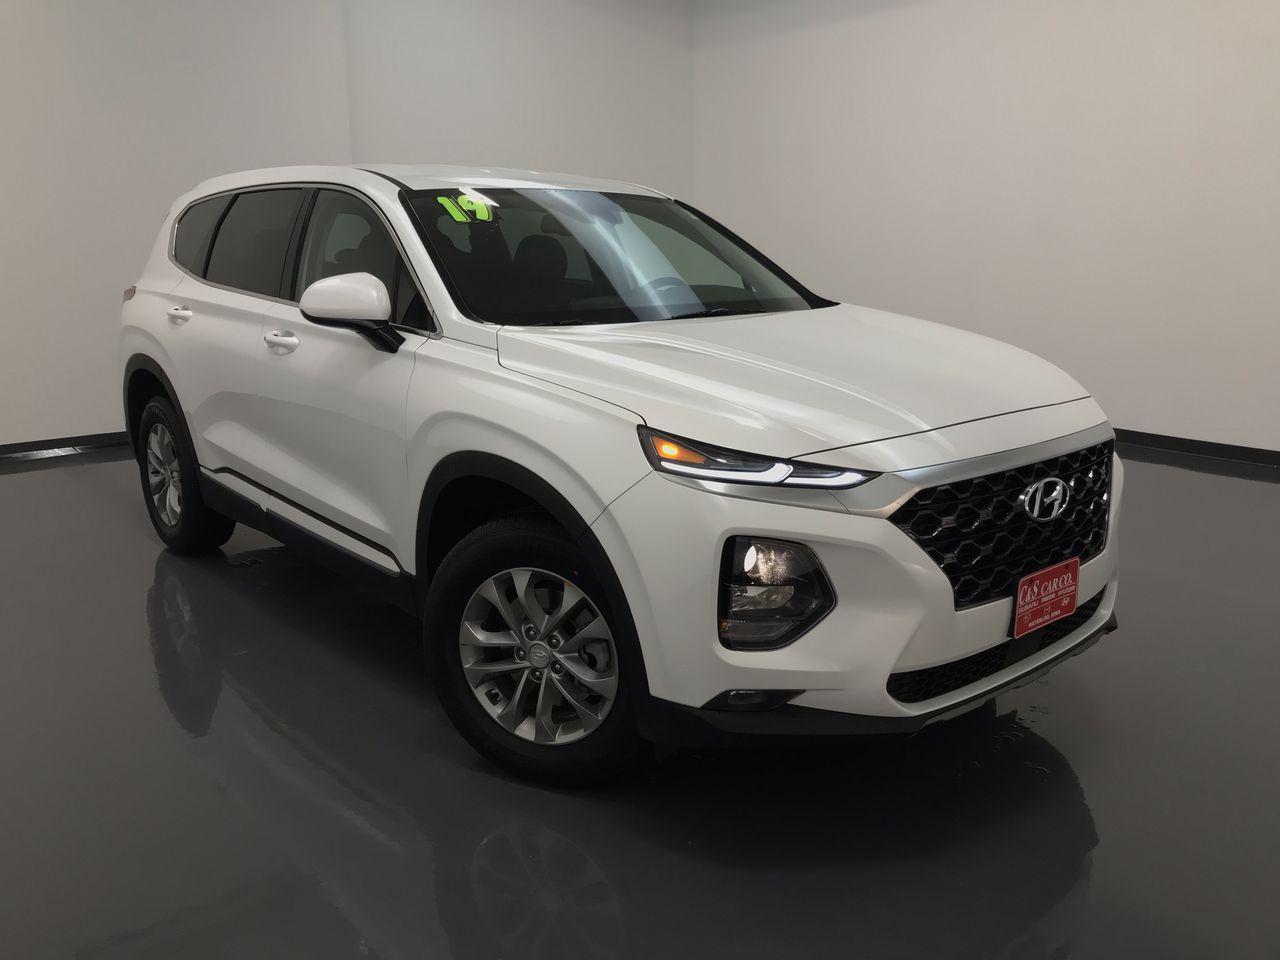 2019 Hyundai Santa Fe SEL 2.4L  - HY7940  - C & S Car Company